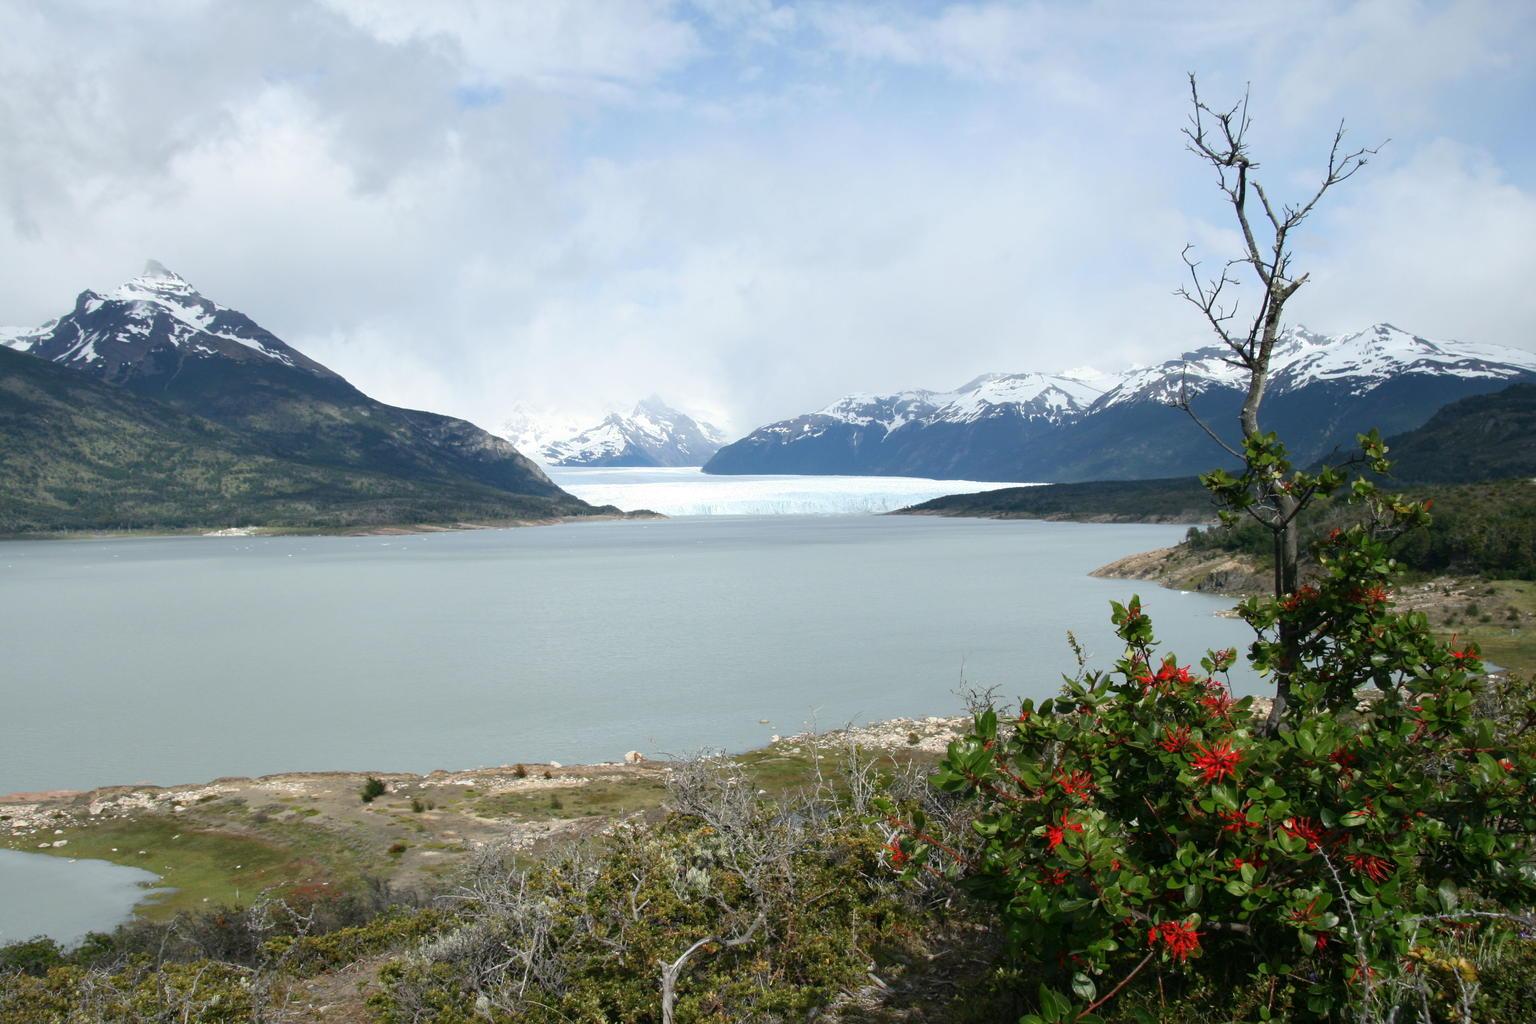 MÁS FOTOS, Full-Day Tour to the Perito Moreno Glacier including Boat Safari